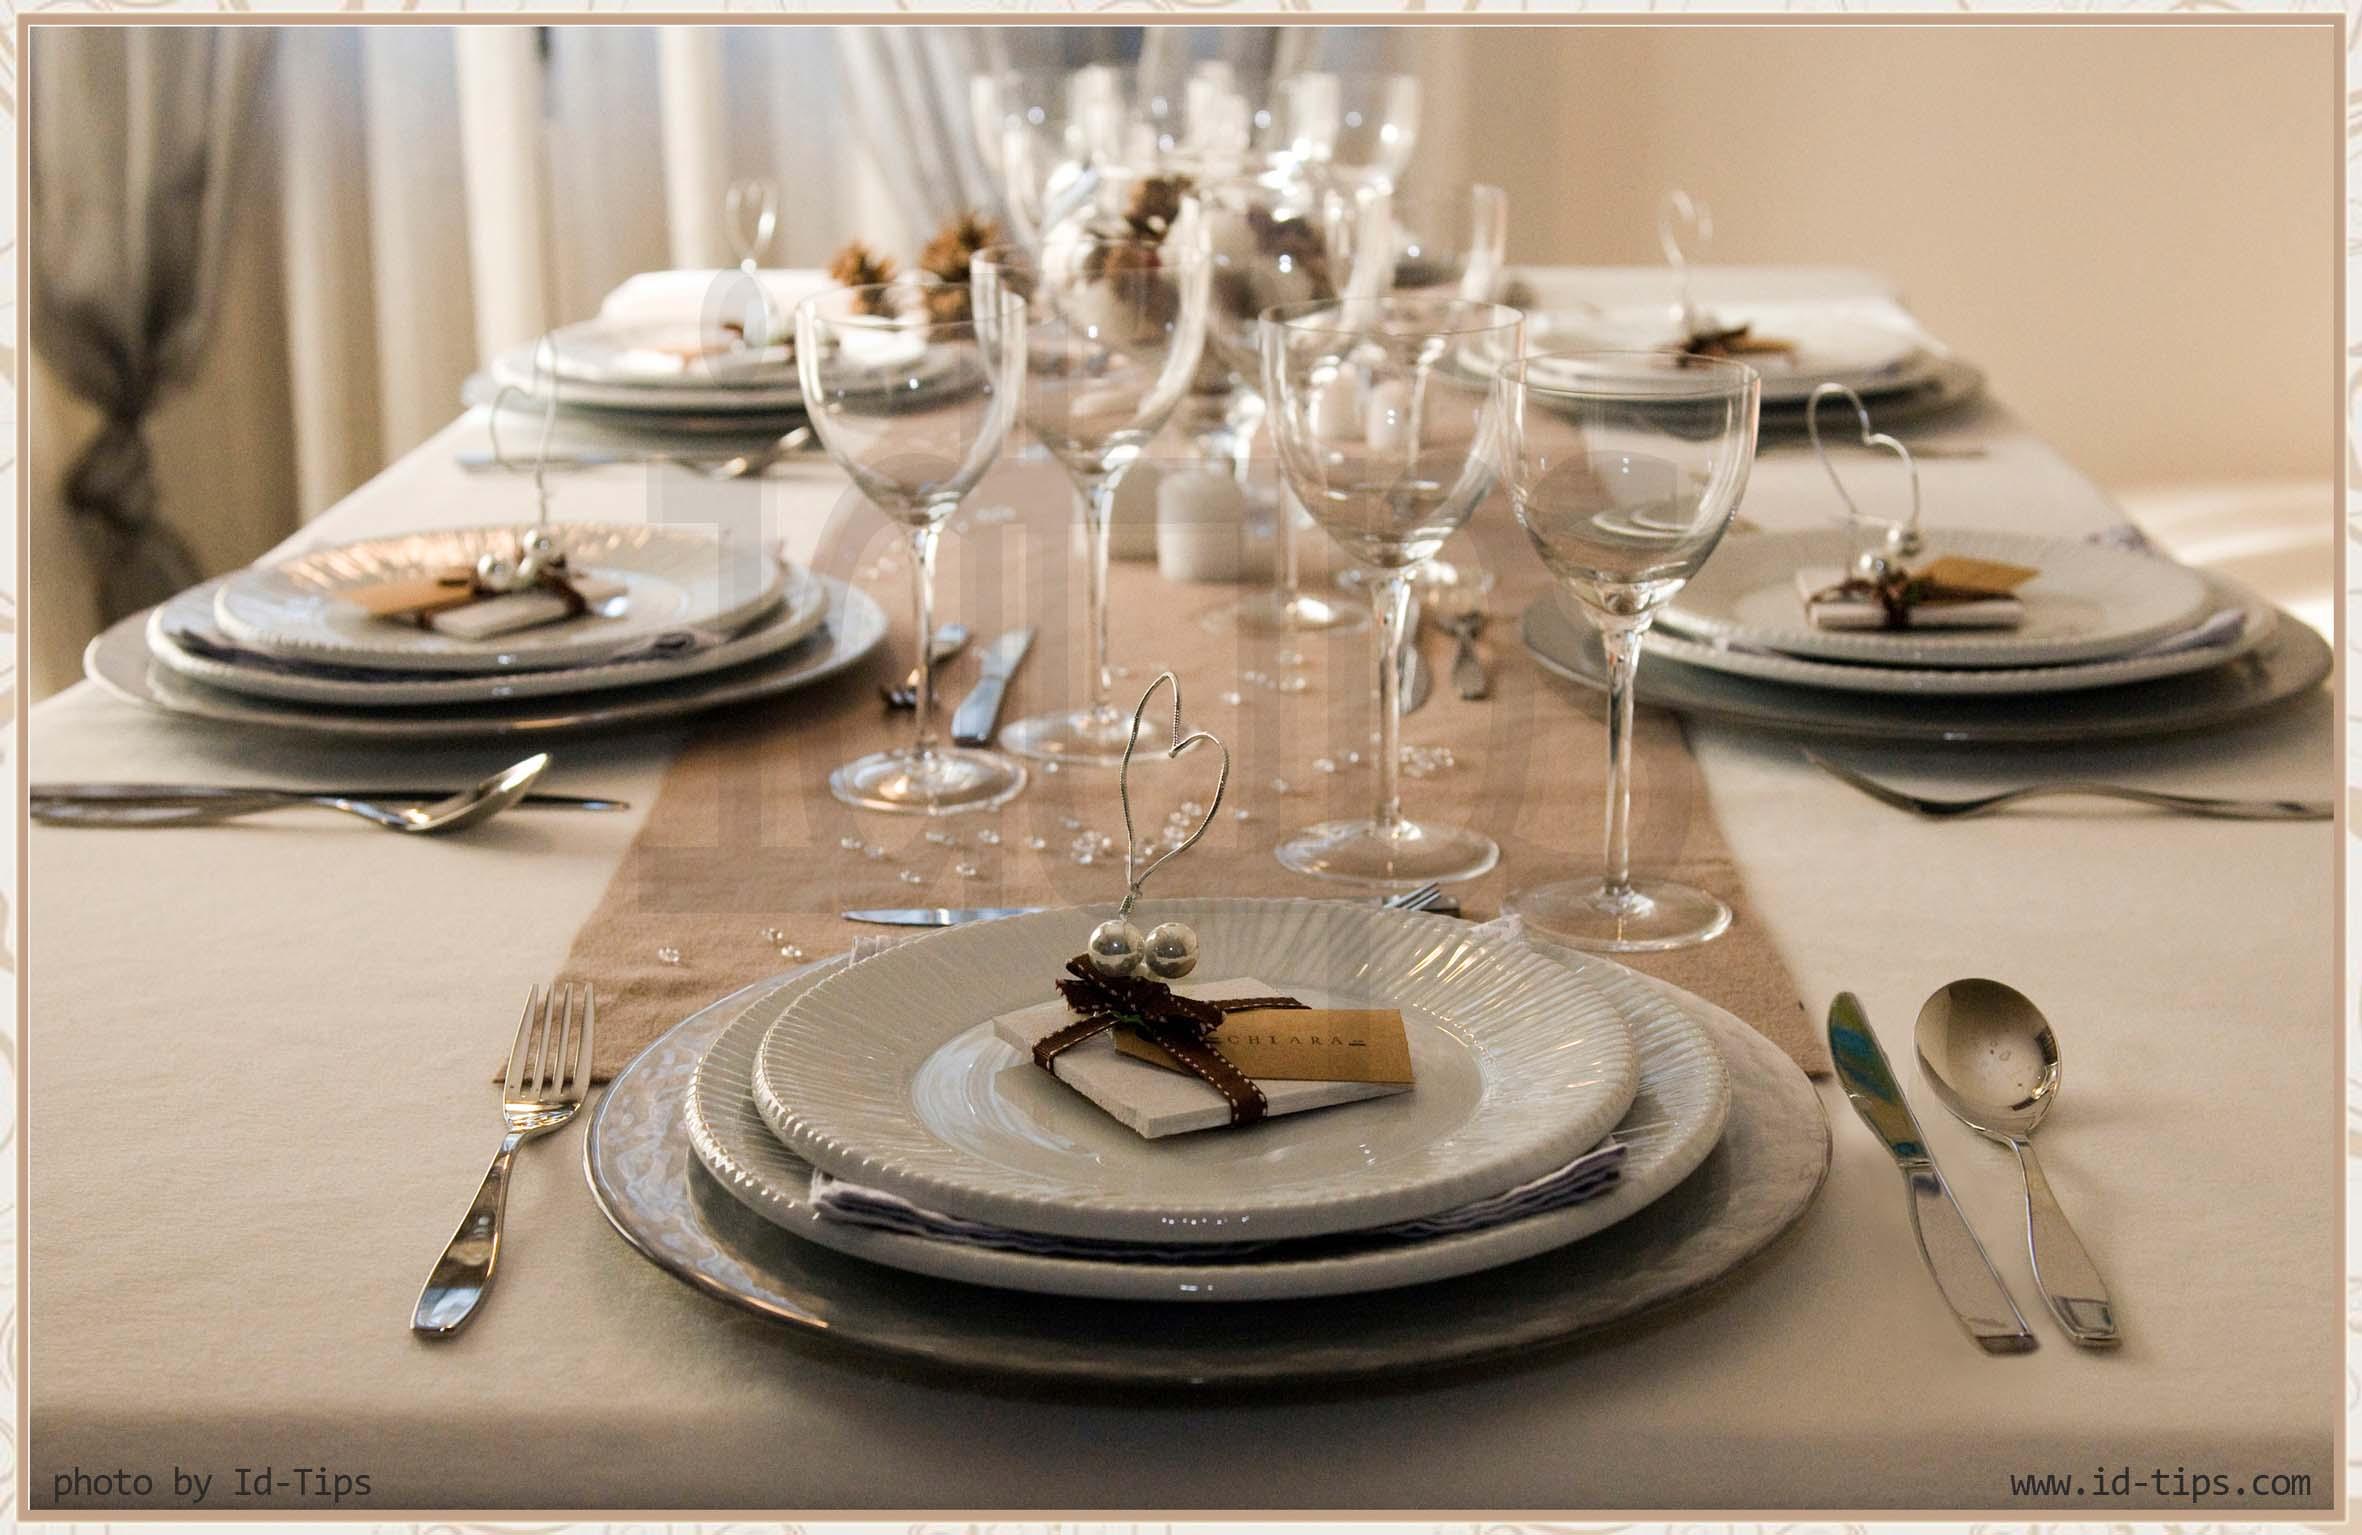 La tavola di natale secondo id tips - Apparecchiare la tavola di natale ...